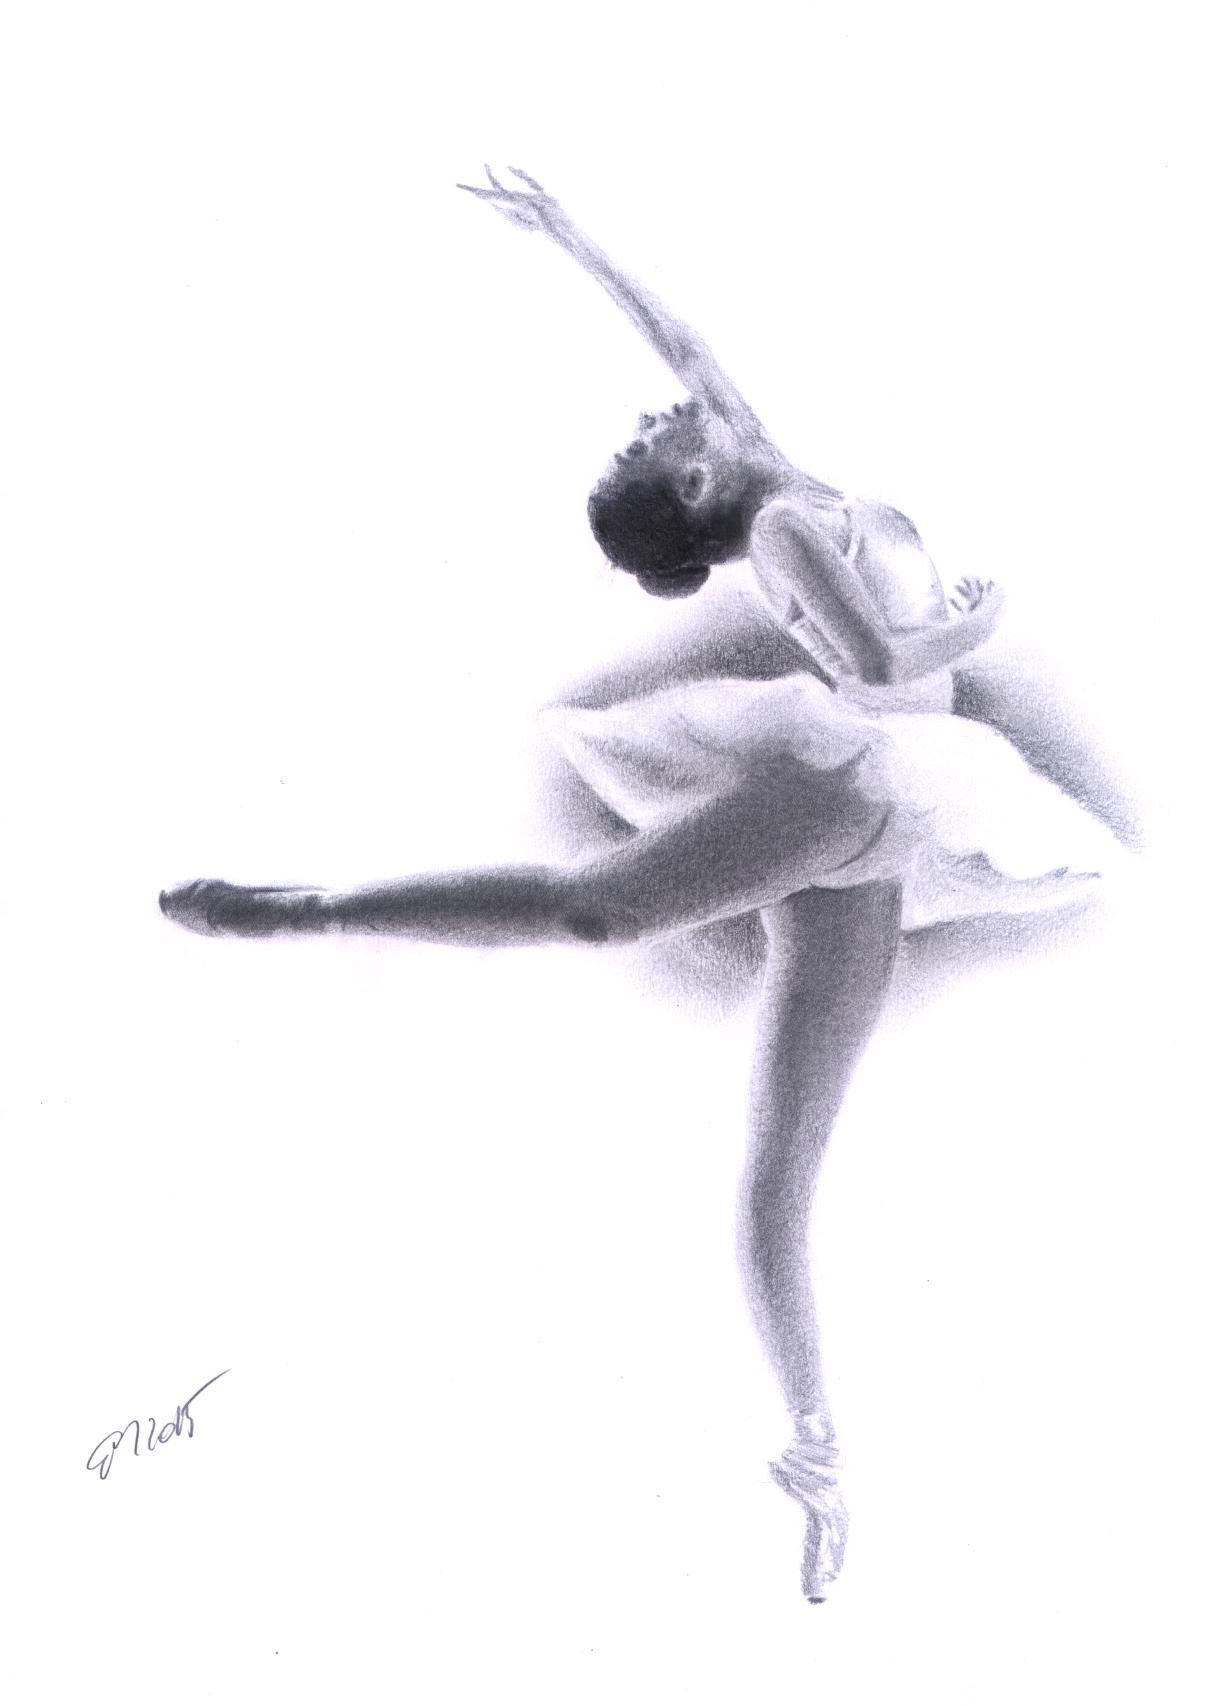 Ballerina Schwarz weiß, Bleistiftzeichnung, Ballett, Tanz